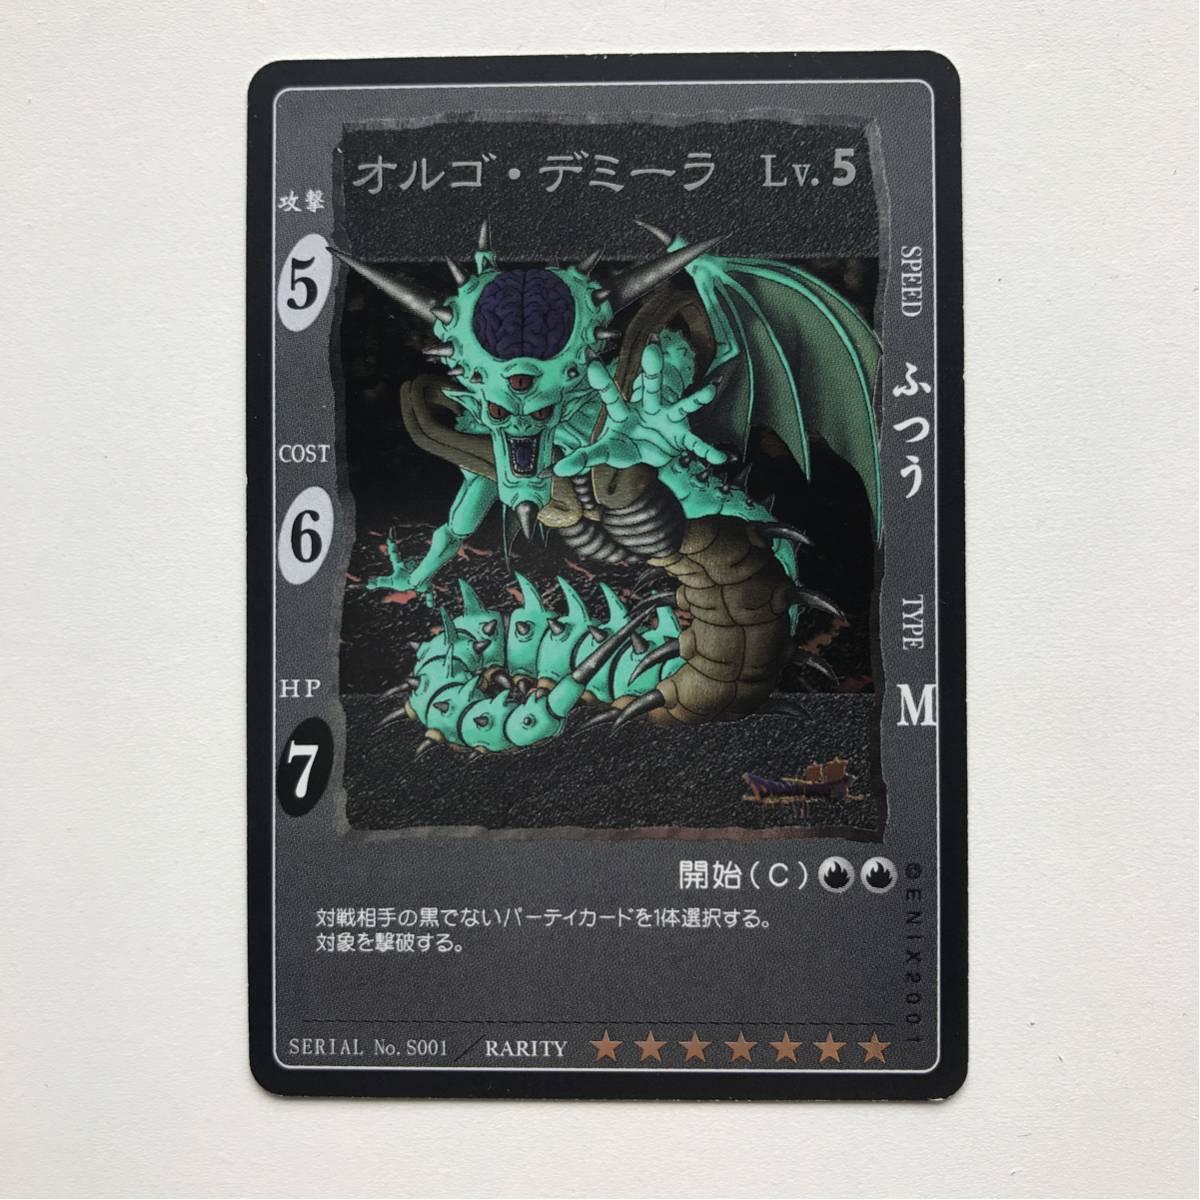 ドラゴンクエスト カードゲーム ドラクエ シークレット S001 オルゴ・デミーラ Lv5